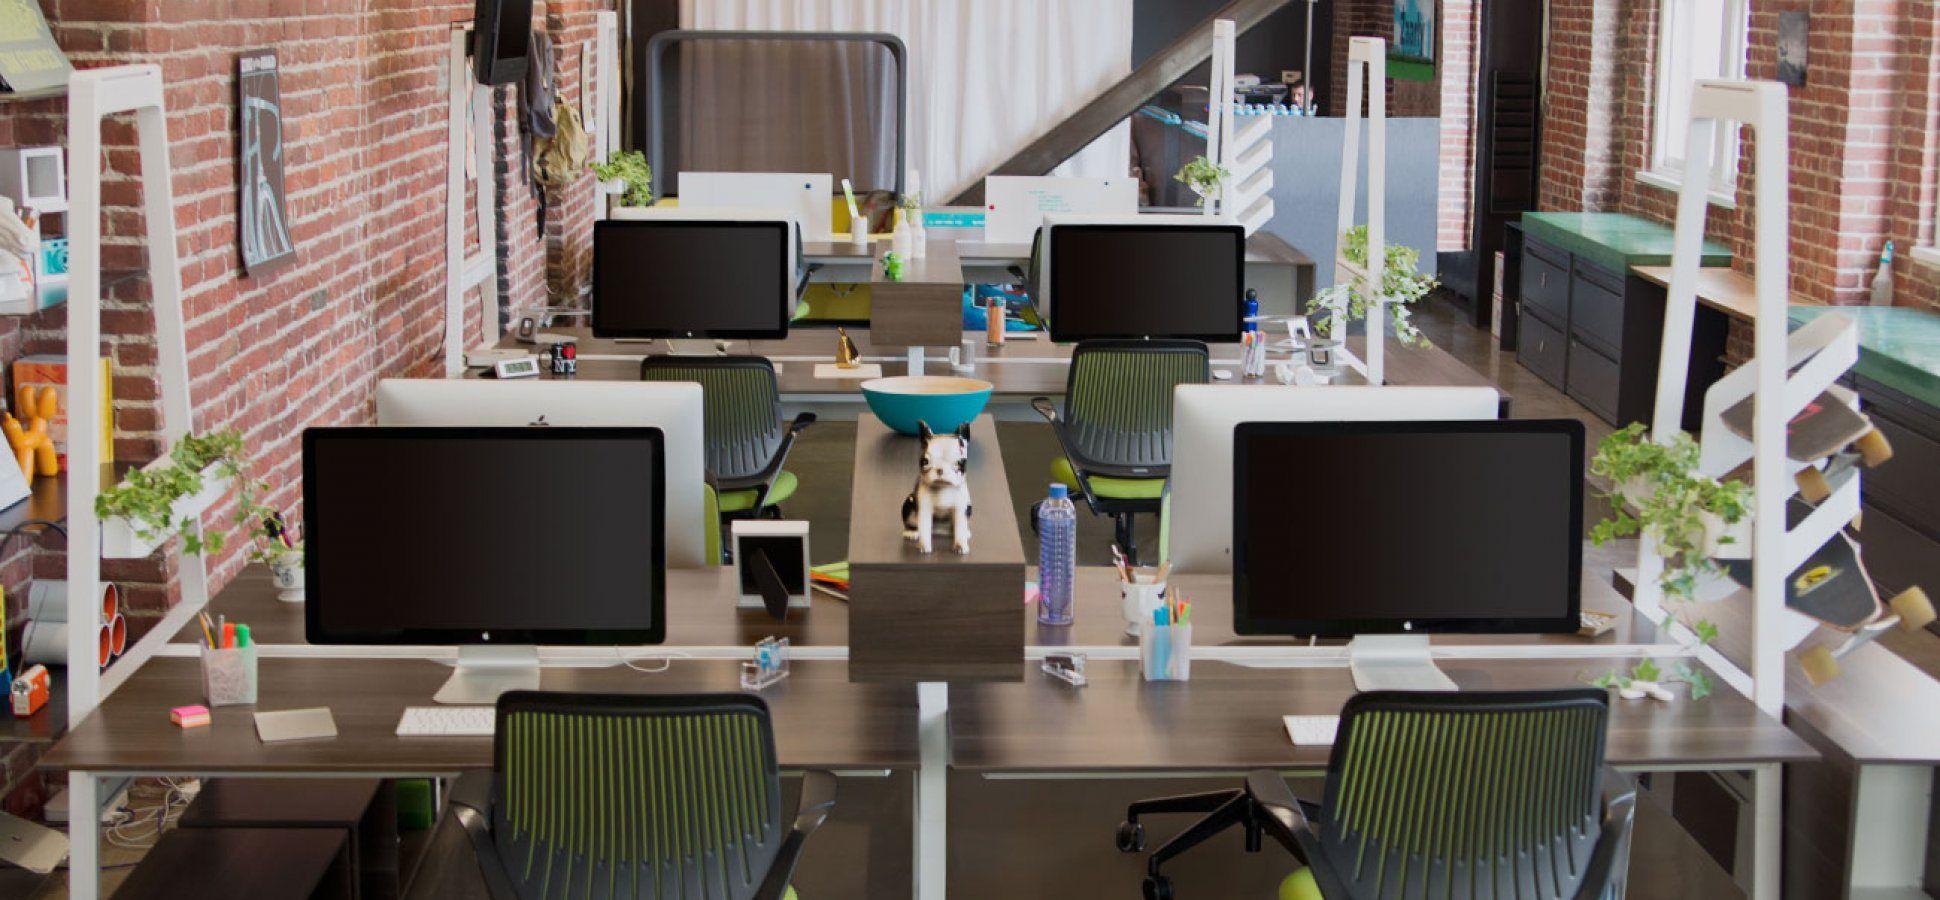 office design photos. 10 office design tips to foster creativity photos